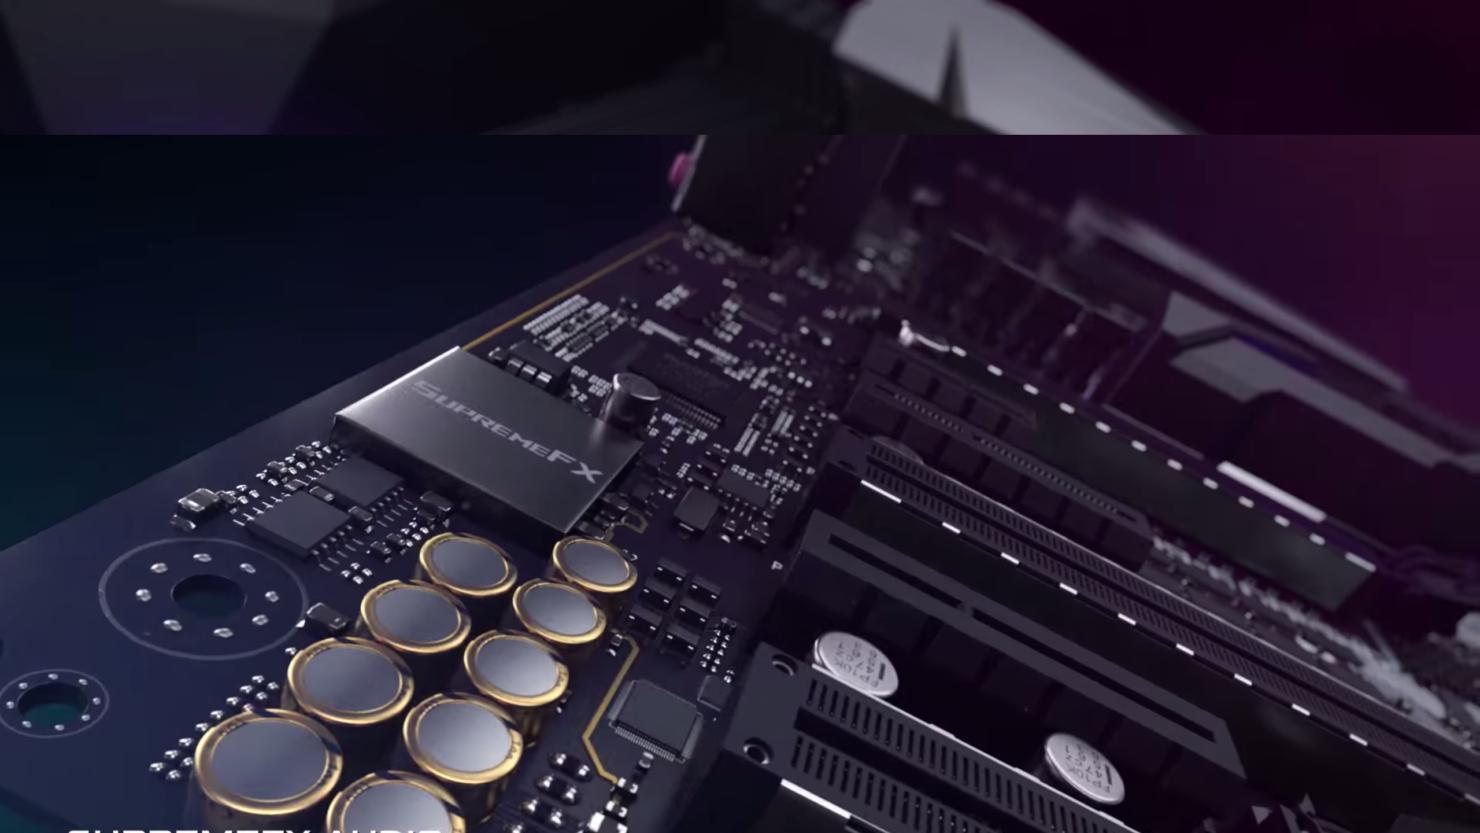 asus-rog-strix-x299-e-motherboard-intel-core-x-processors_5